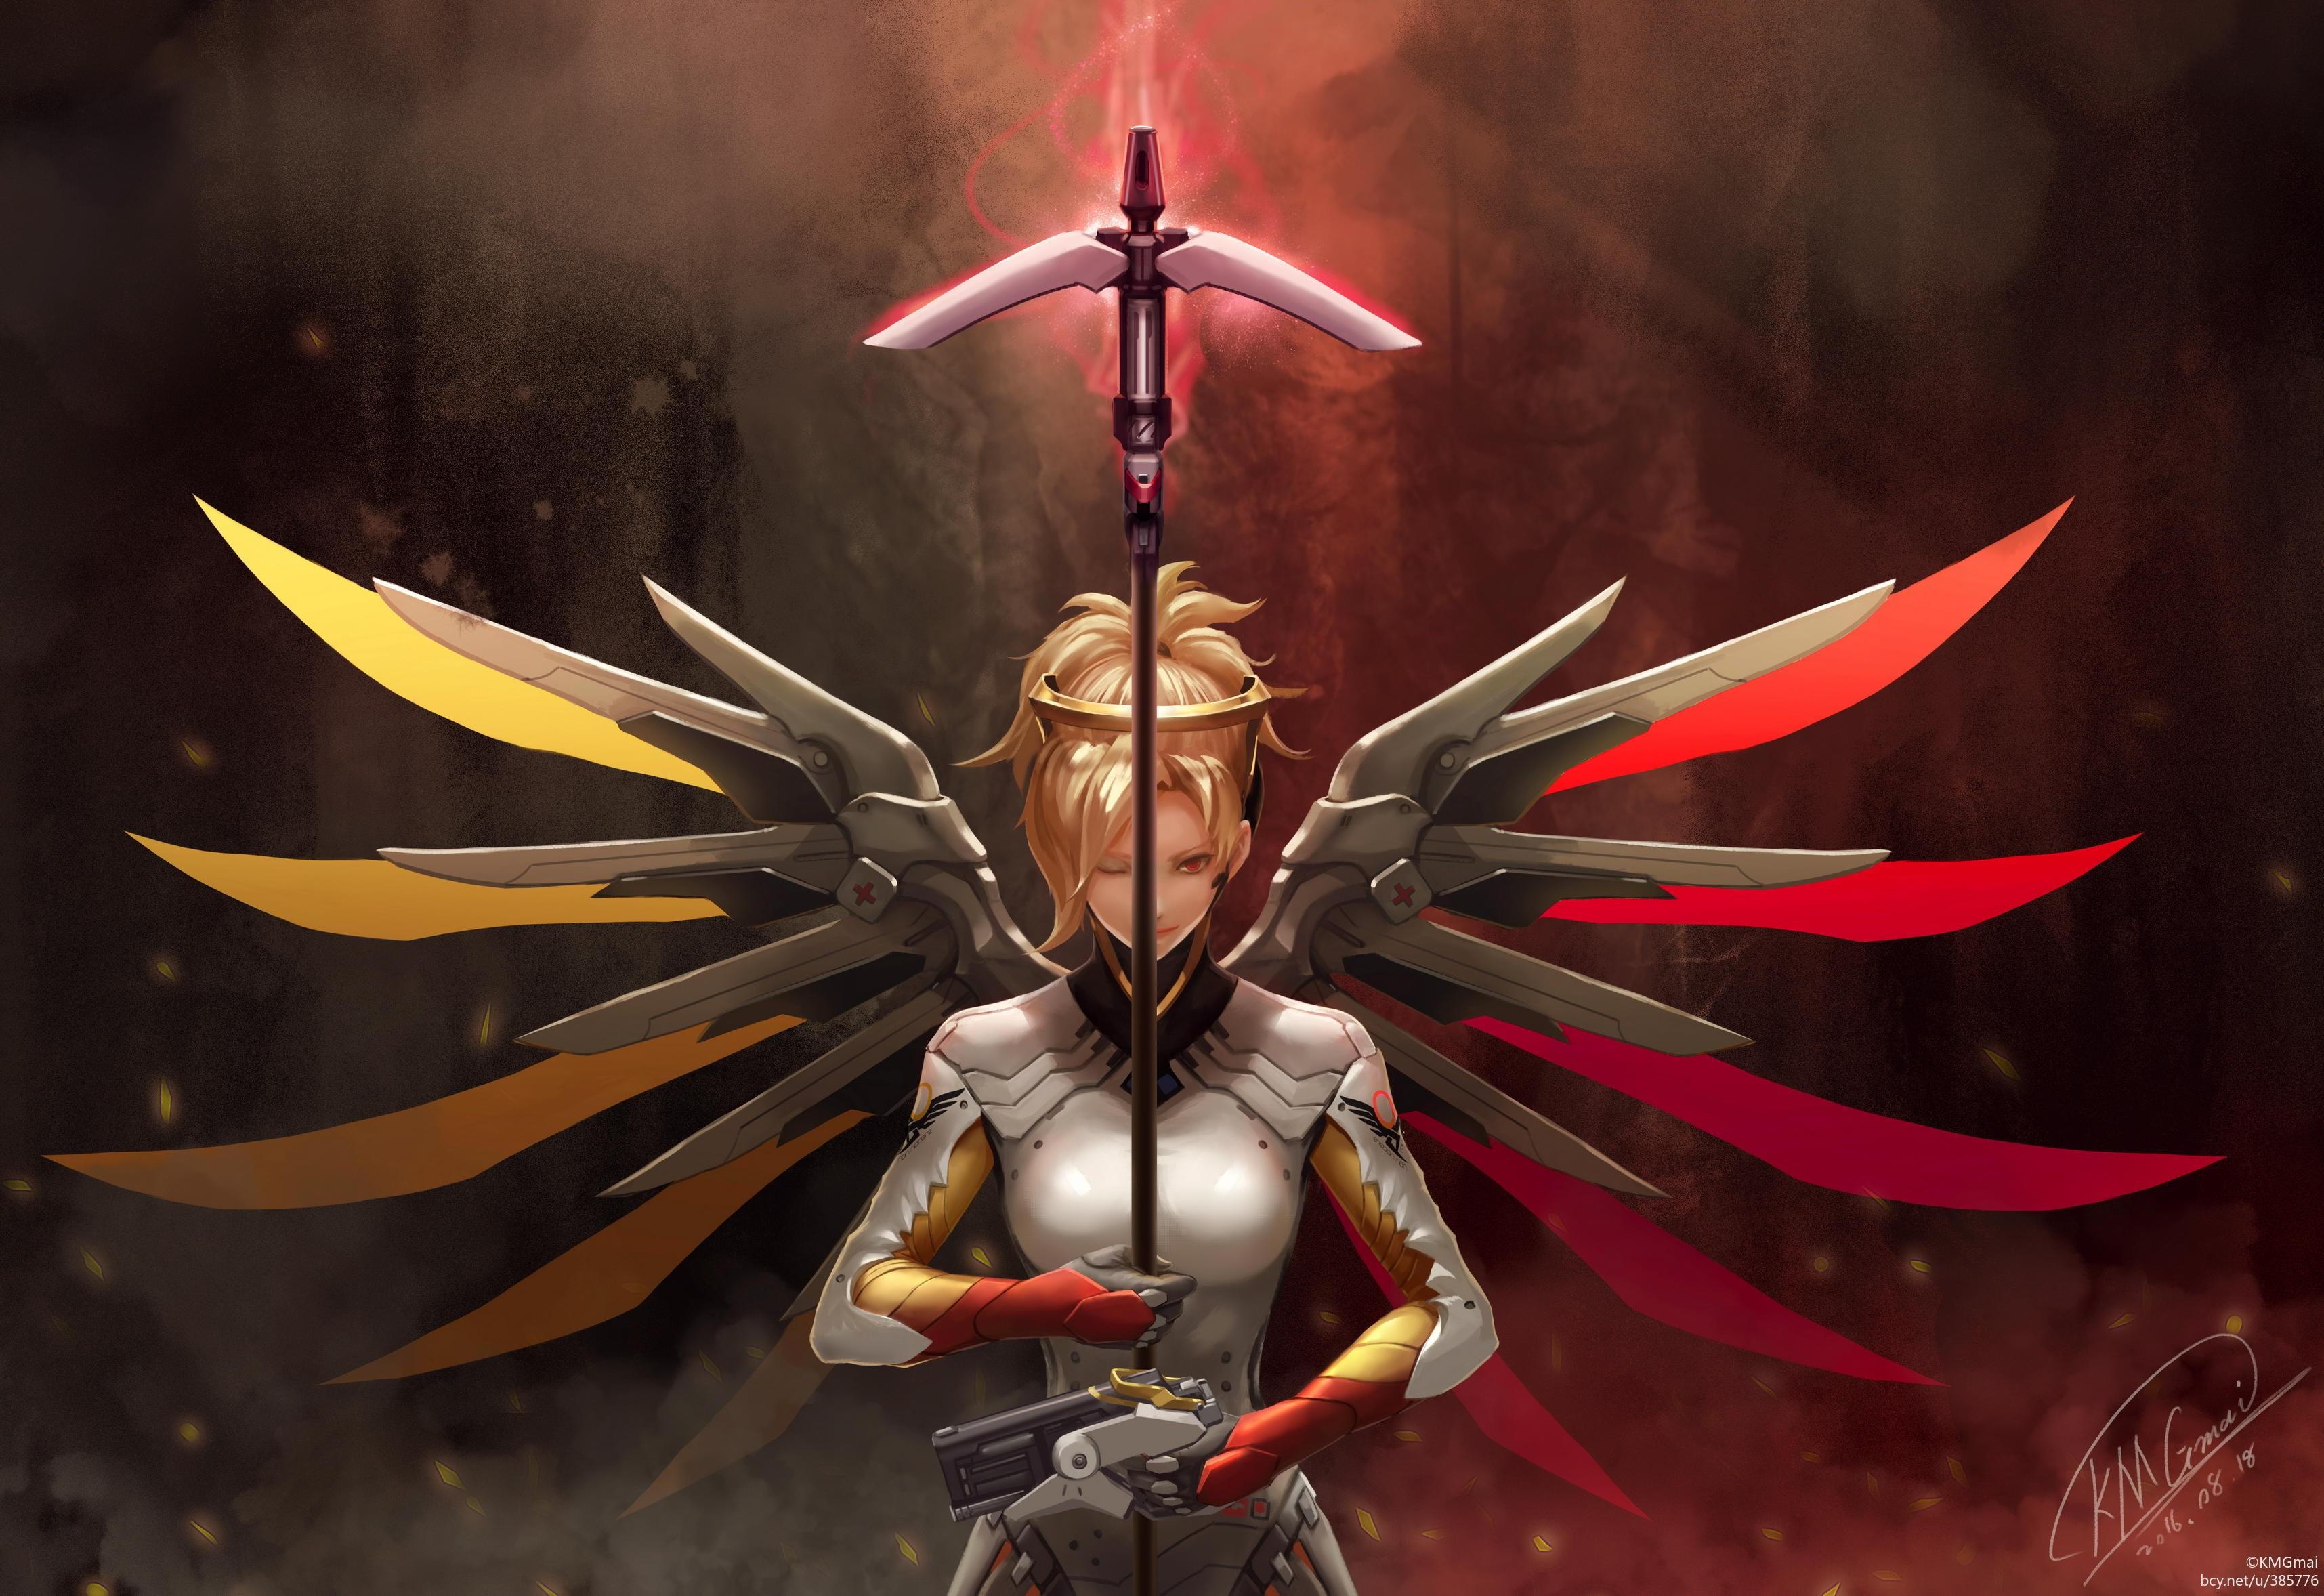 Fan Art Of Mercy Overwatch, HD Games, 4k Wallpapers ...